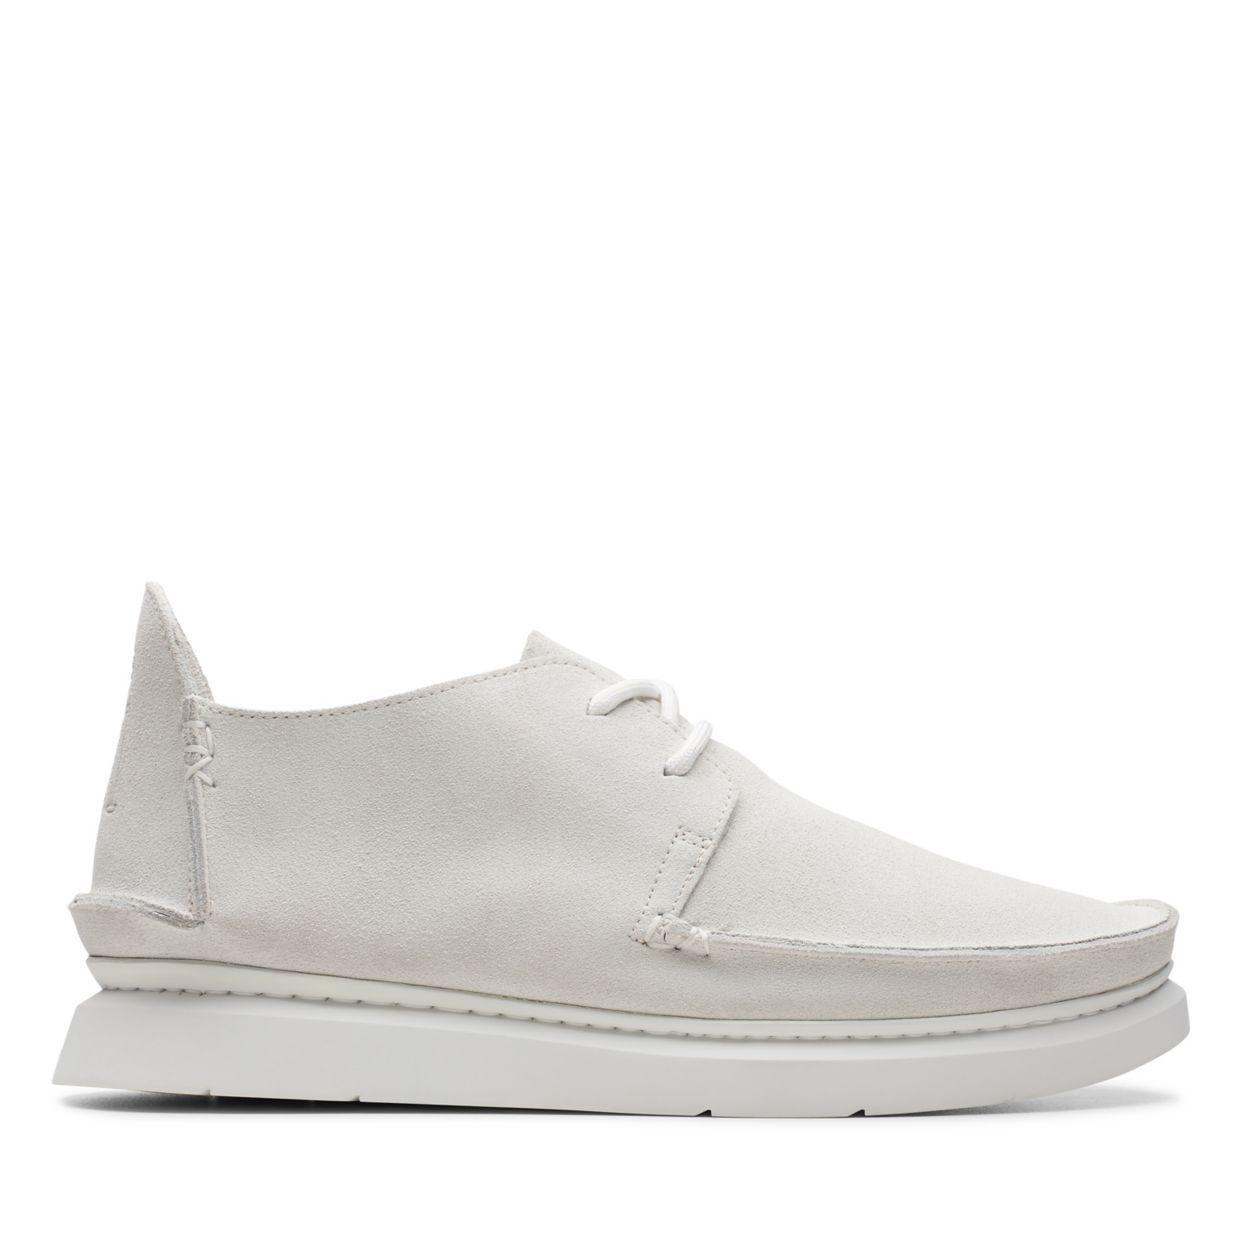 Clarks | Clarks shoes, Shoe